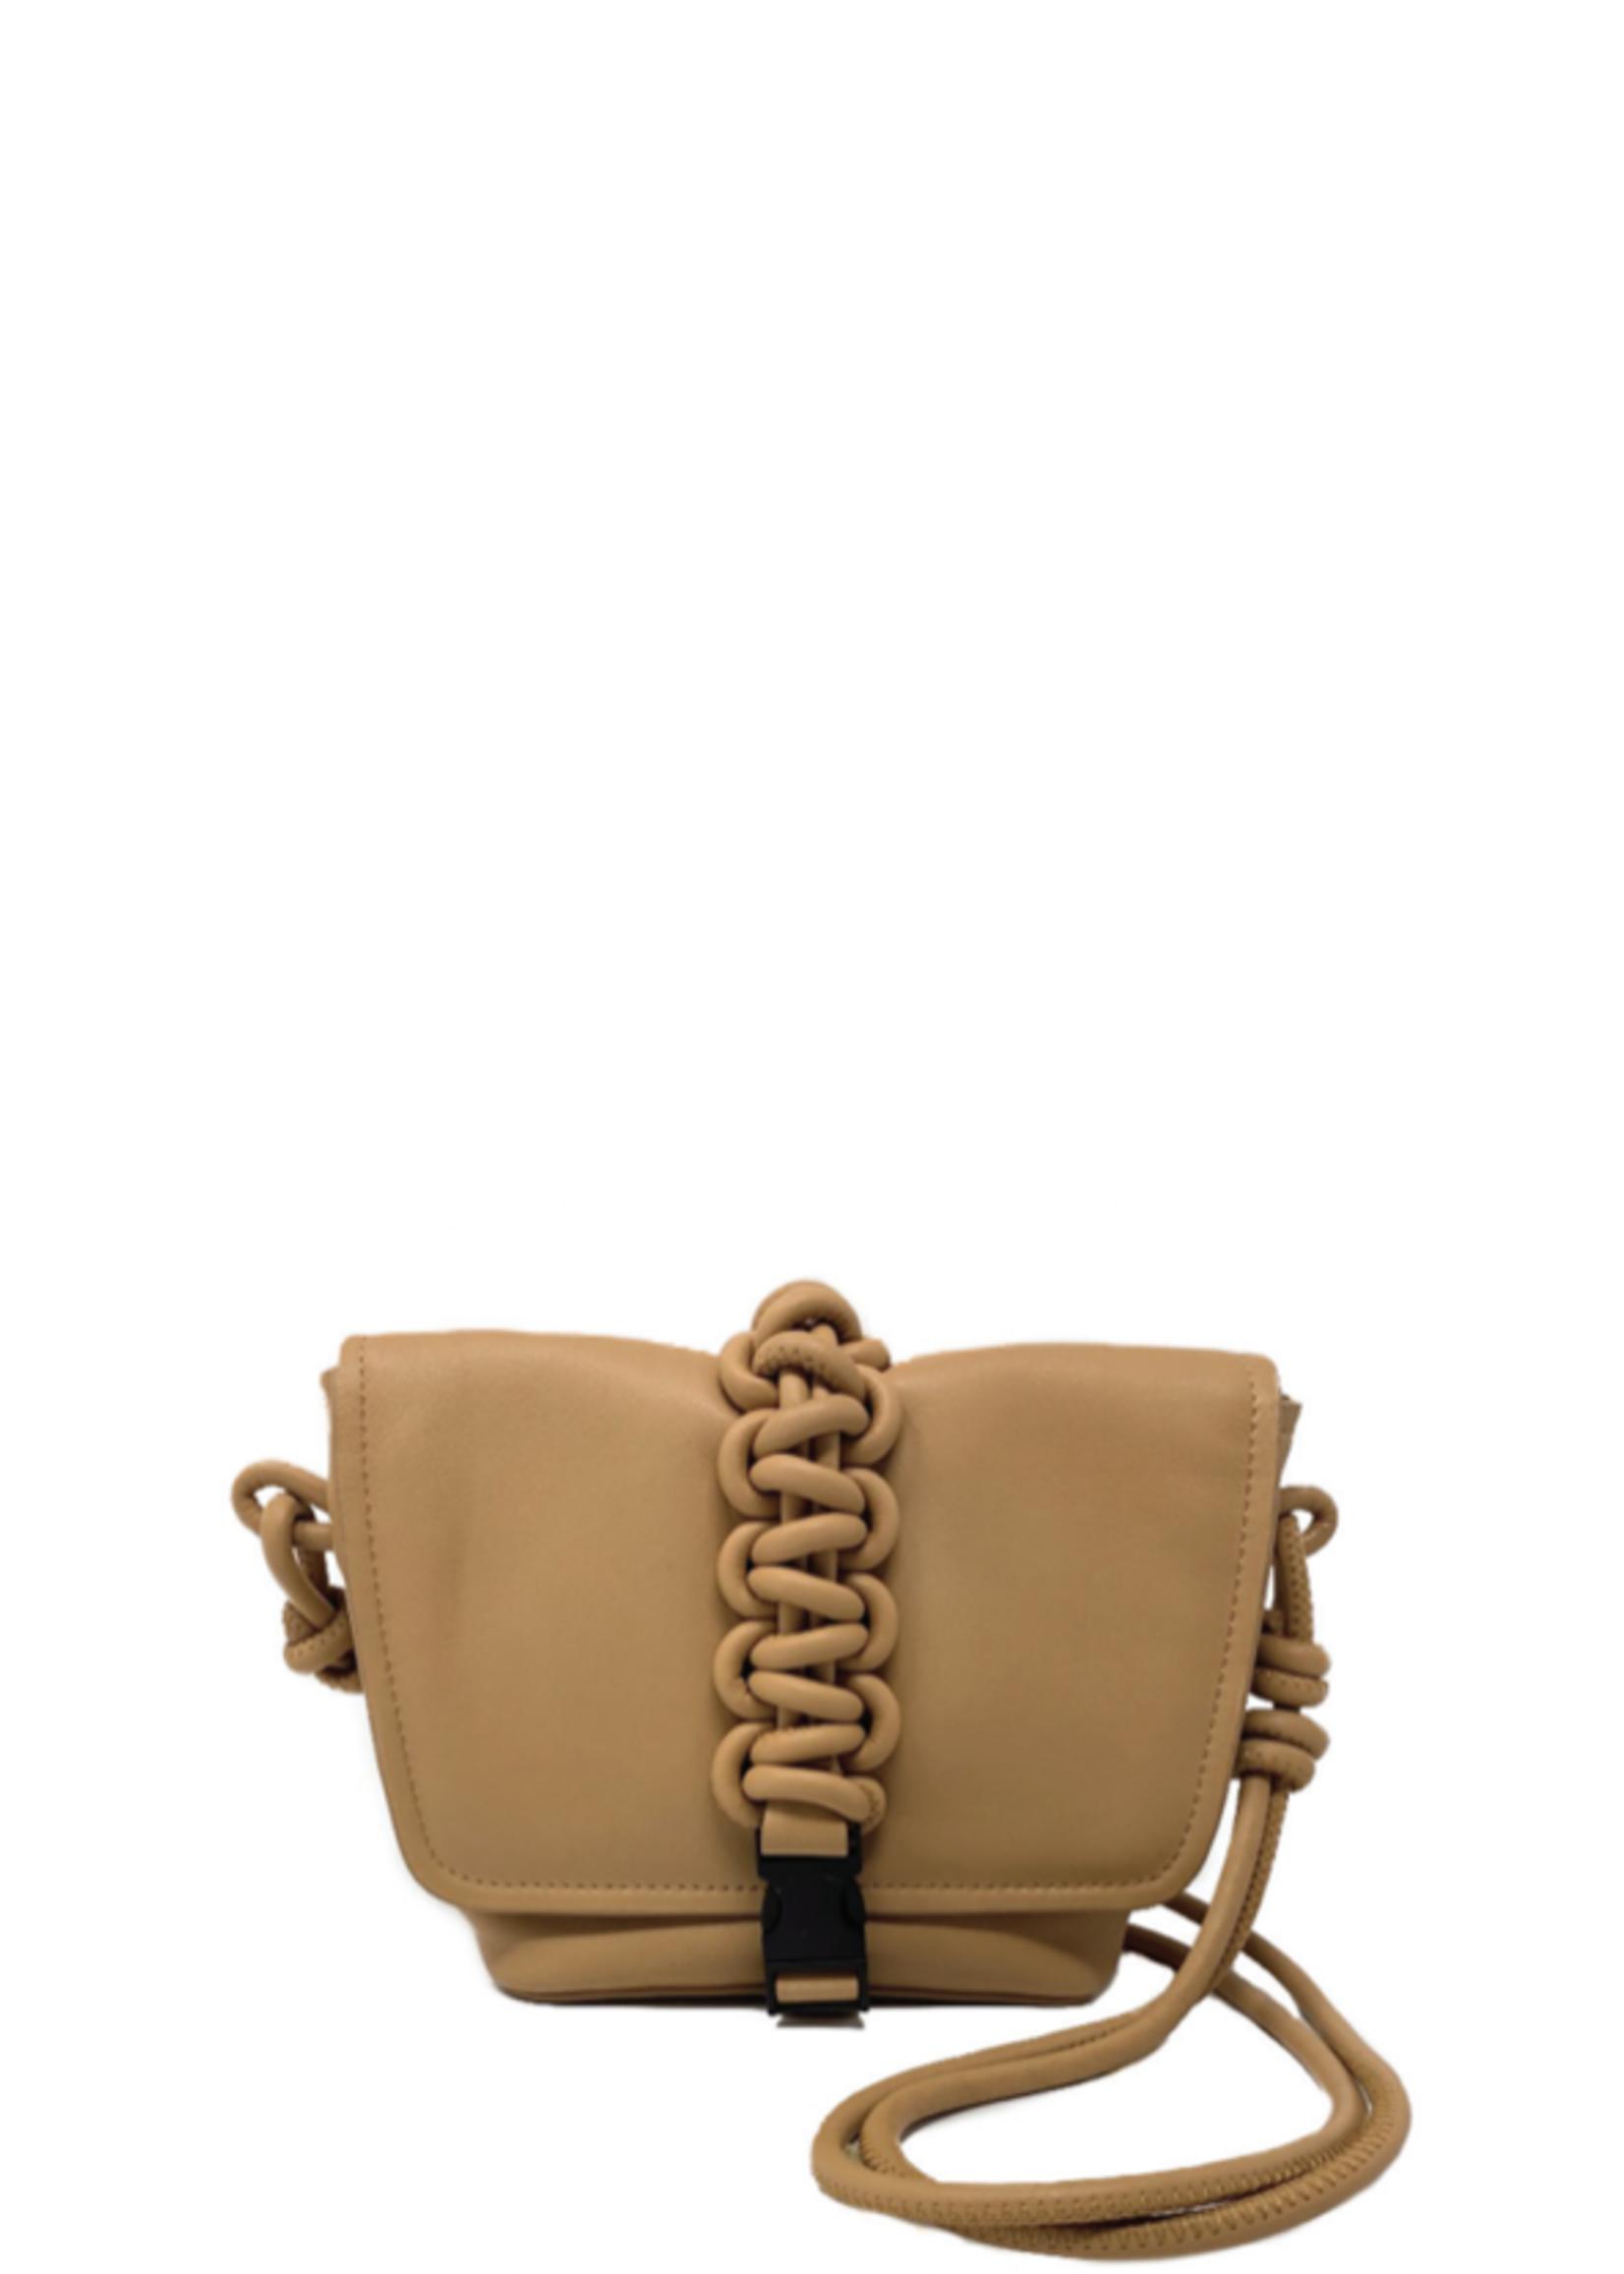 KARA Mini Switch Bag in Honey Brown